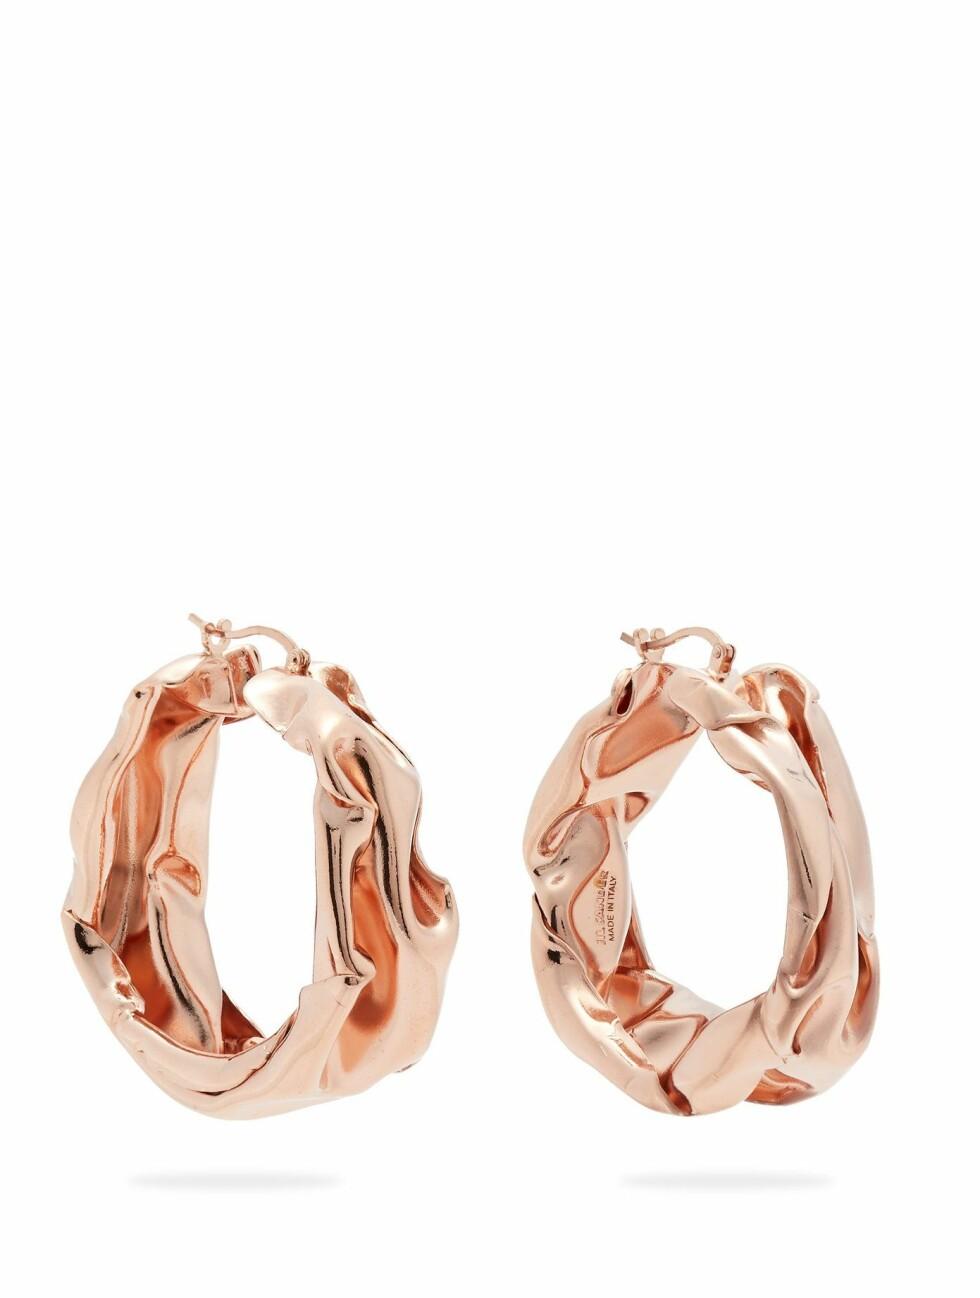 Øredobber fra Jil Sander |1600,-| https://www.matchesfashion.com/intl/products/Jil-Sander-Hammered-rose-gold-tone-hoop-earrings-1232879